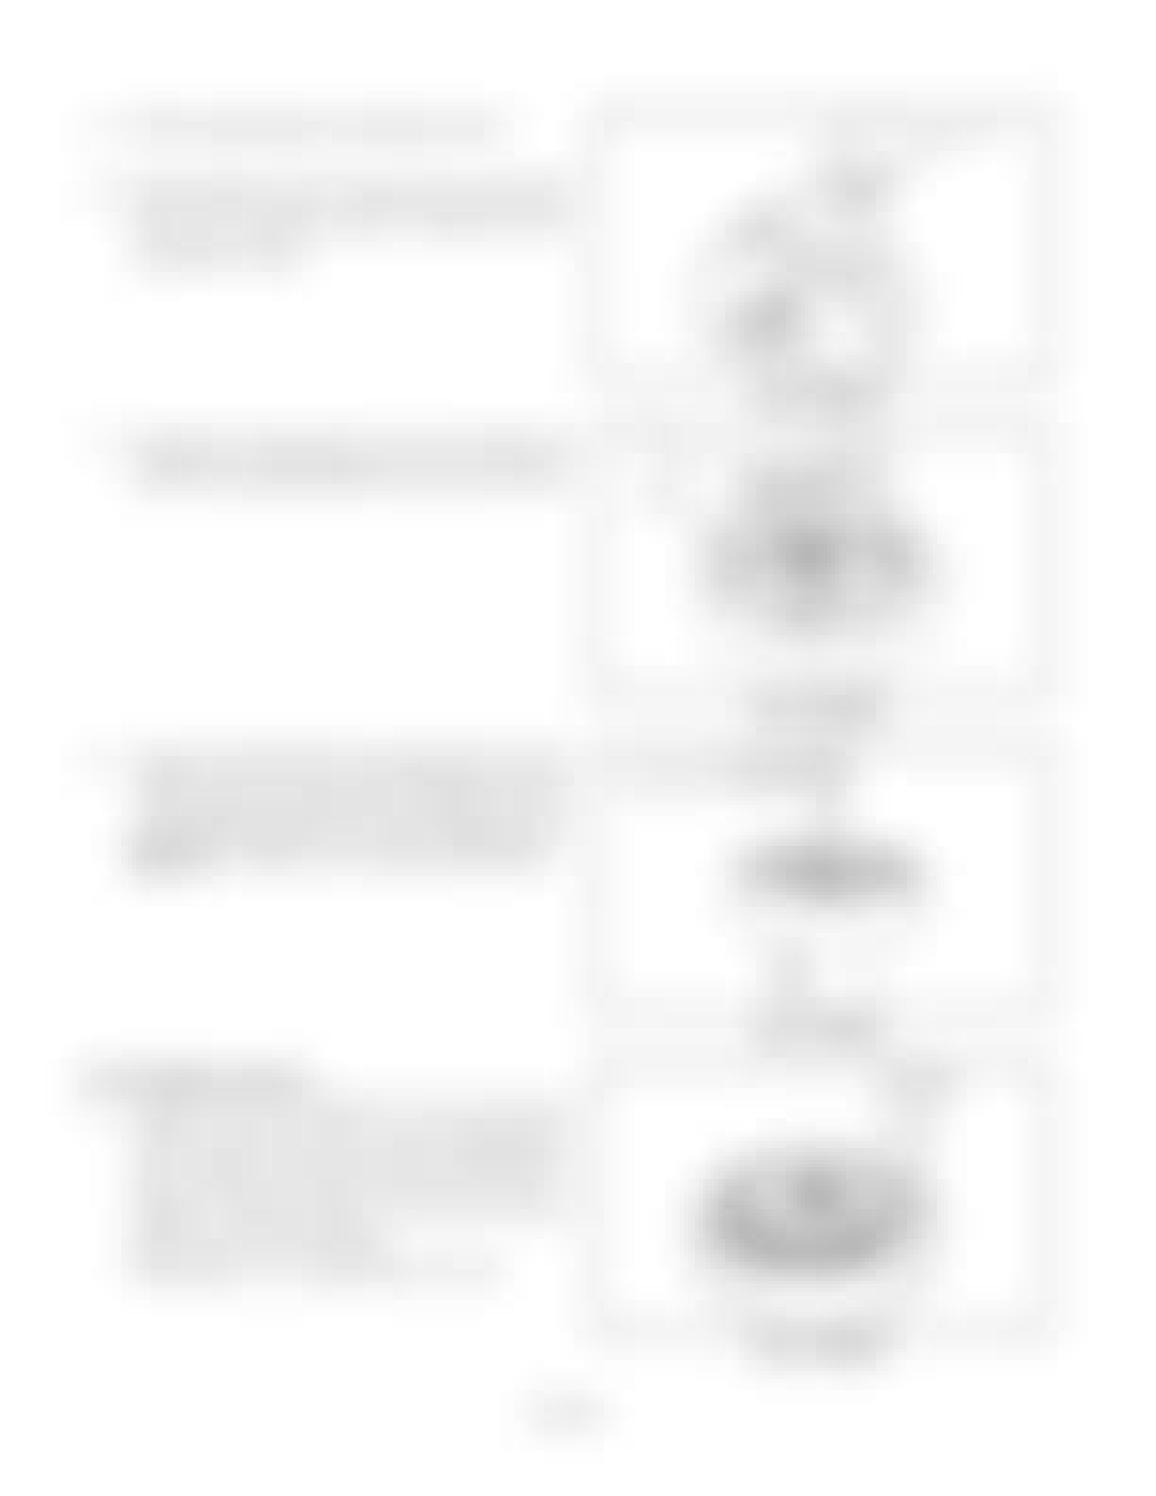 Hitachi LX110-7 LX130-7 LX160-7 LX190-7 LX230-7 Wheel Loader Workshop Manual - PDF DOWNLOAD page 214